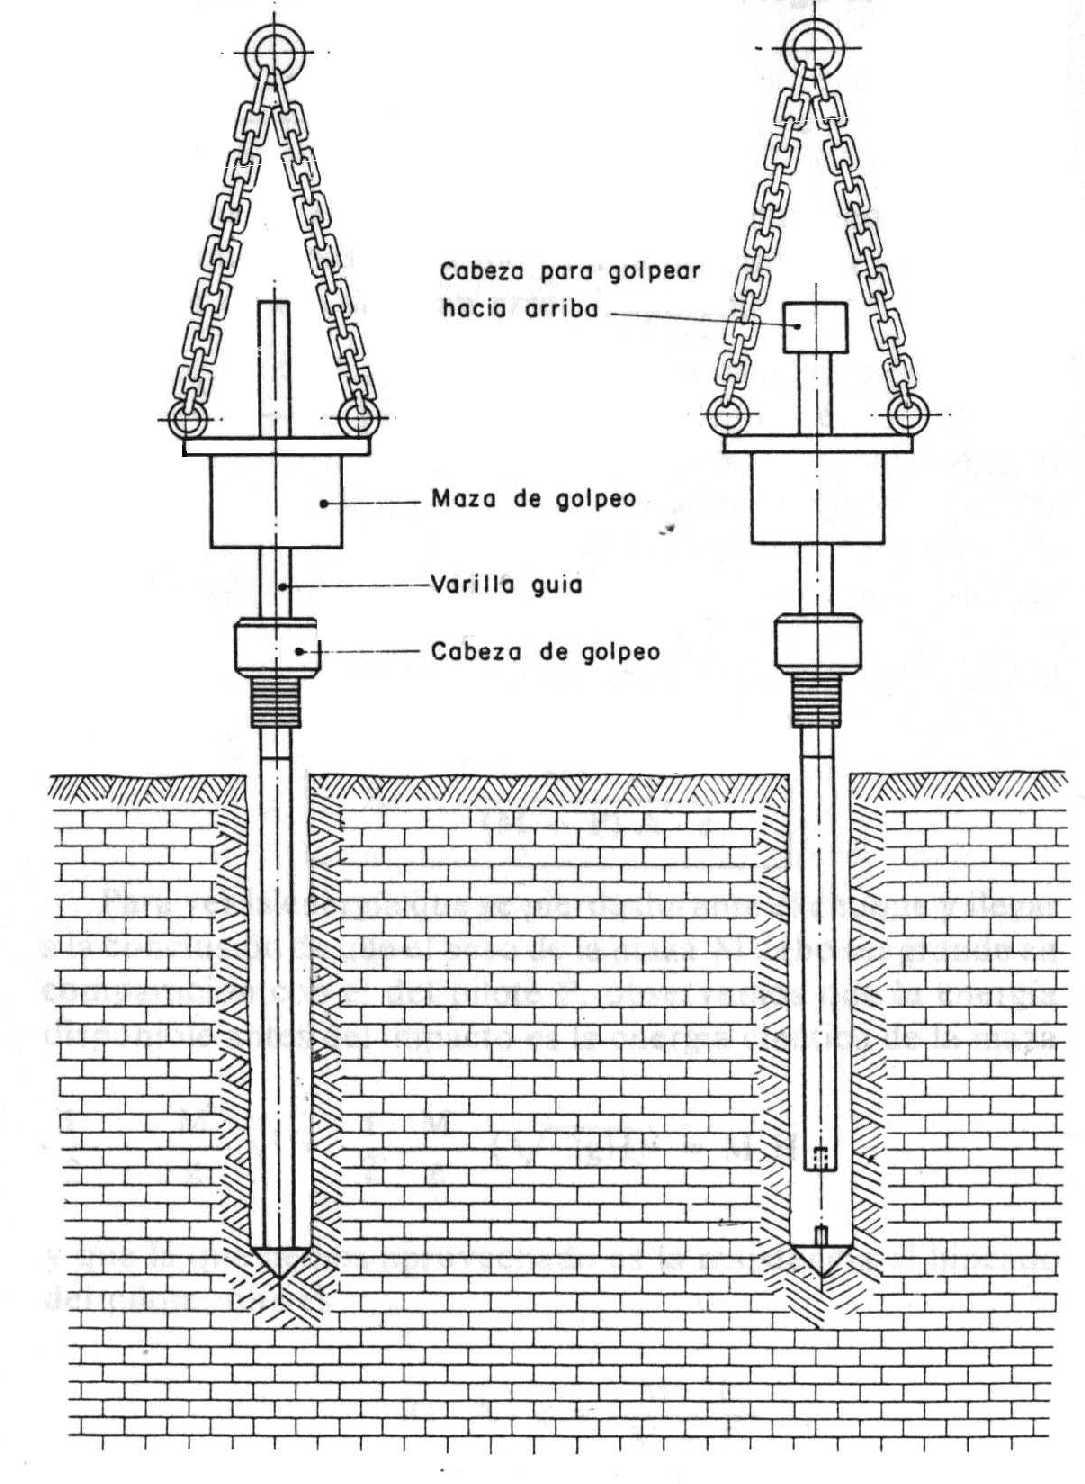 'Exploraci�n del subsuelo mediante penetr�metro'